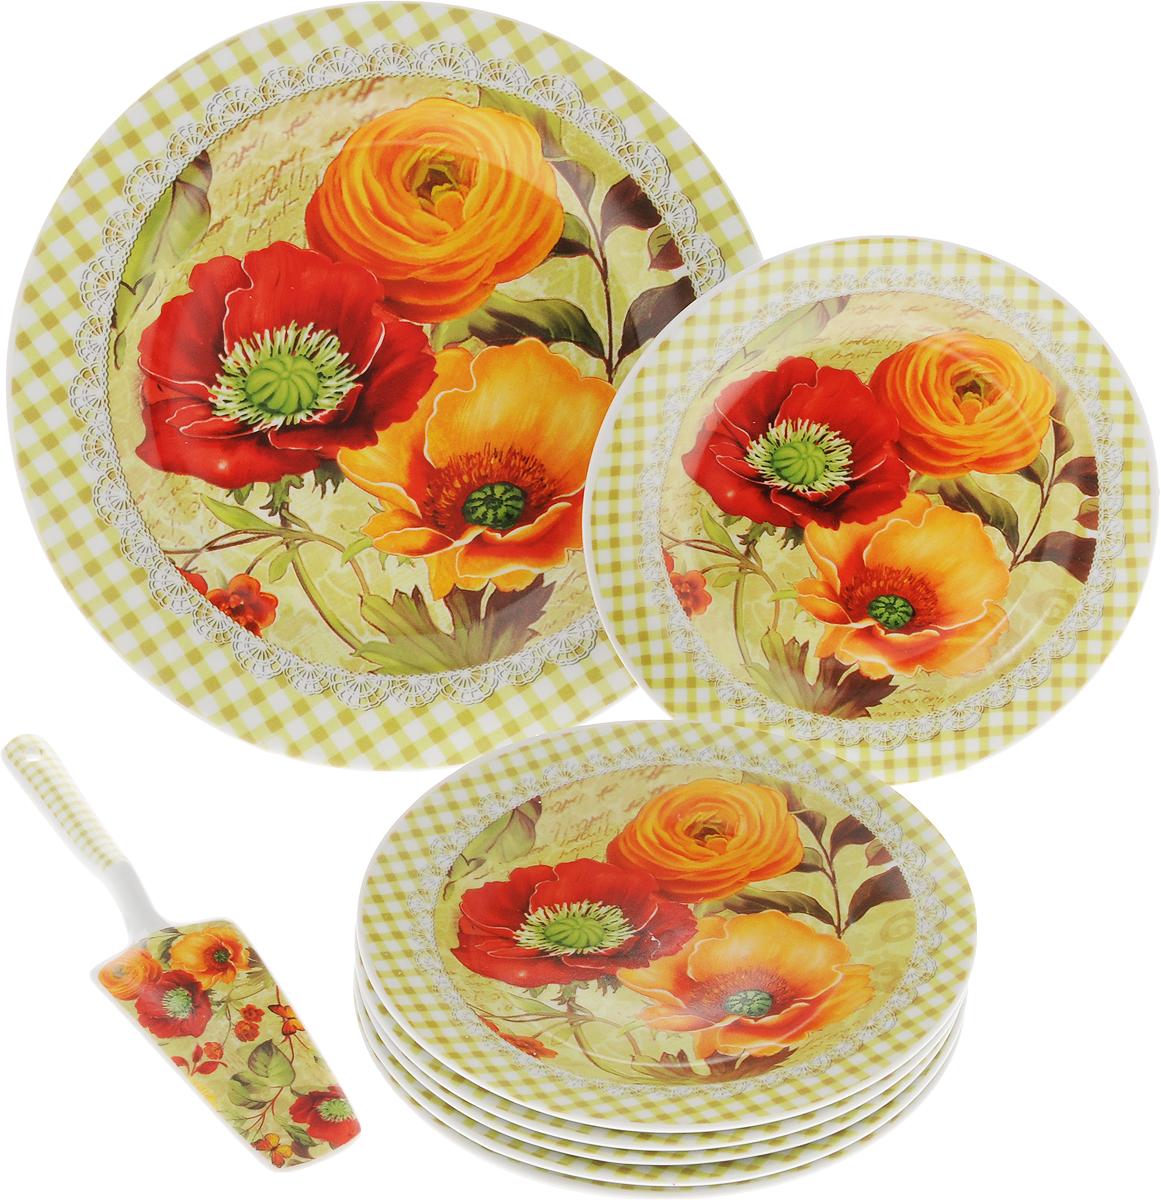 Набор для торта Bella, 8 предметов. DL-S8CB-179DL-S8CB-179Набор для торта Bella состоит из 7 тарелок и лопатки. Изделия выполнены из высококачественного фарфора и оформлены ярким рисунком. Набор идеален для подачи тортов, пирогов и другой выпечки. Яркий дизайн сделает набор изысканным украшением праздничного стола. Диаметр меленьких тарелок: 19,3 см. Диаметр большой тарелки: 26,5 см. Размеры лопатки: 23 х 5,3 х 2 см.